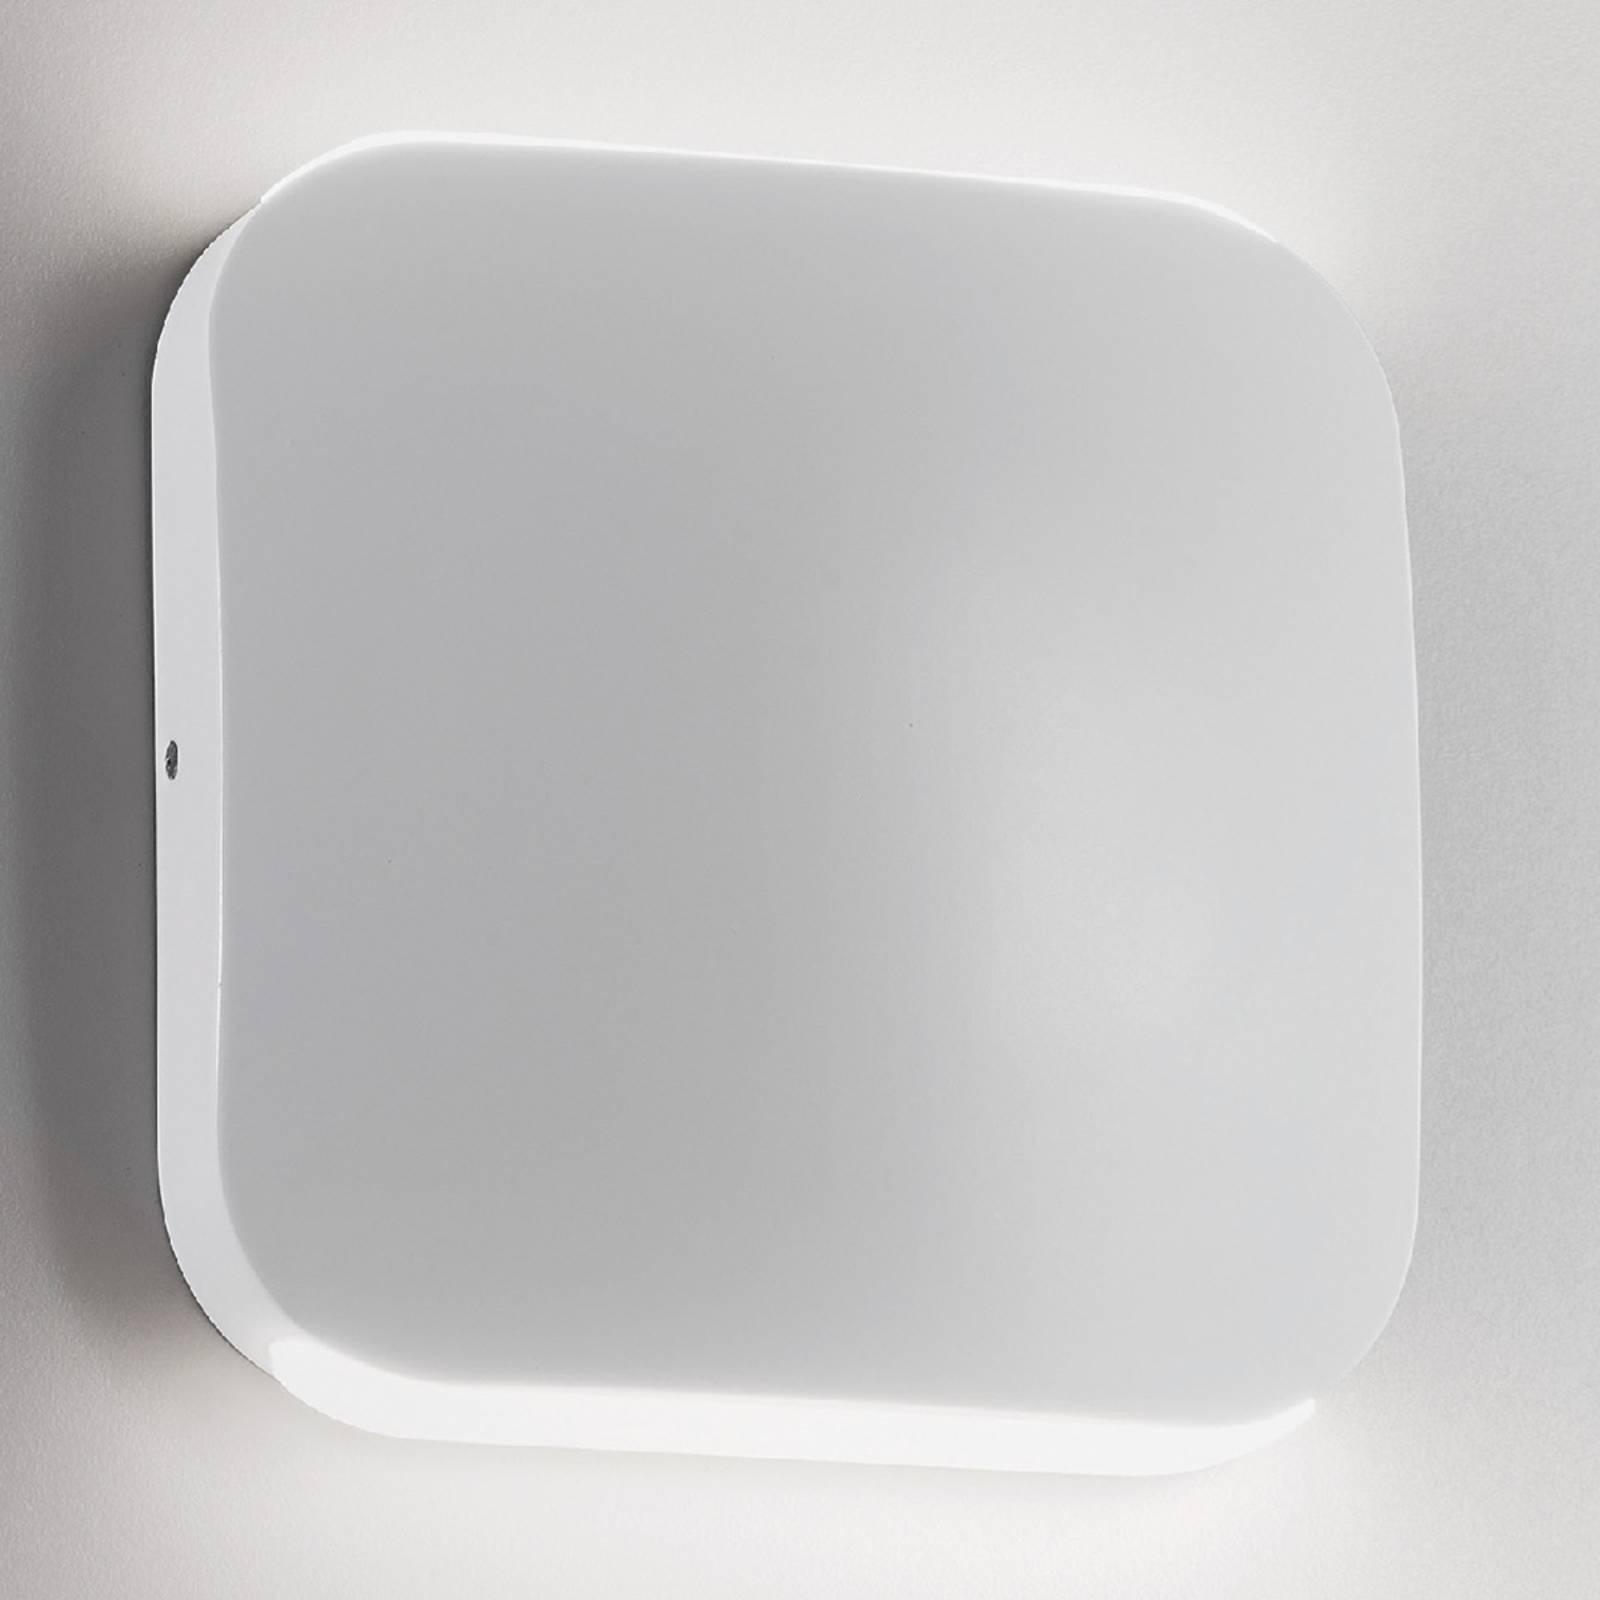 LED-Außenwandleuchte Astuccio weiß